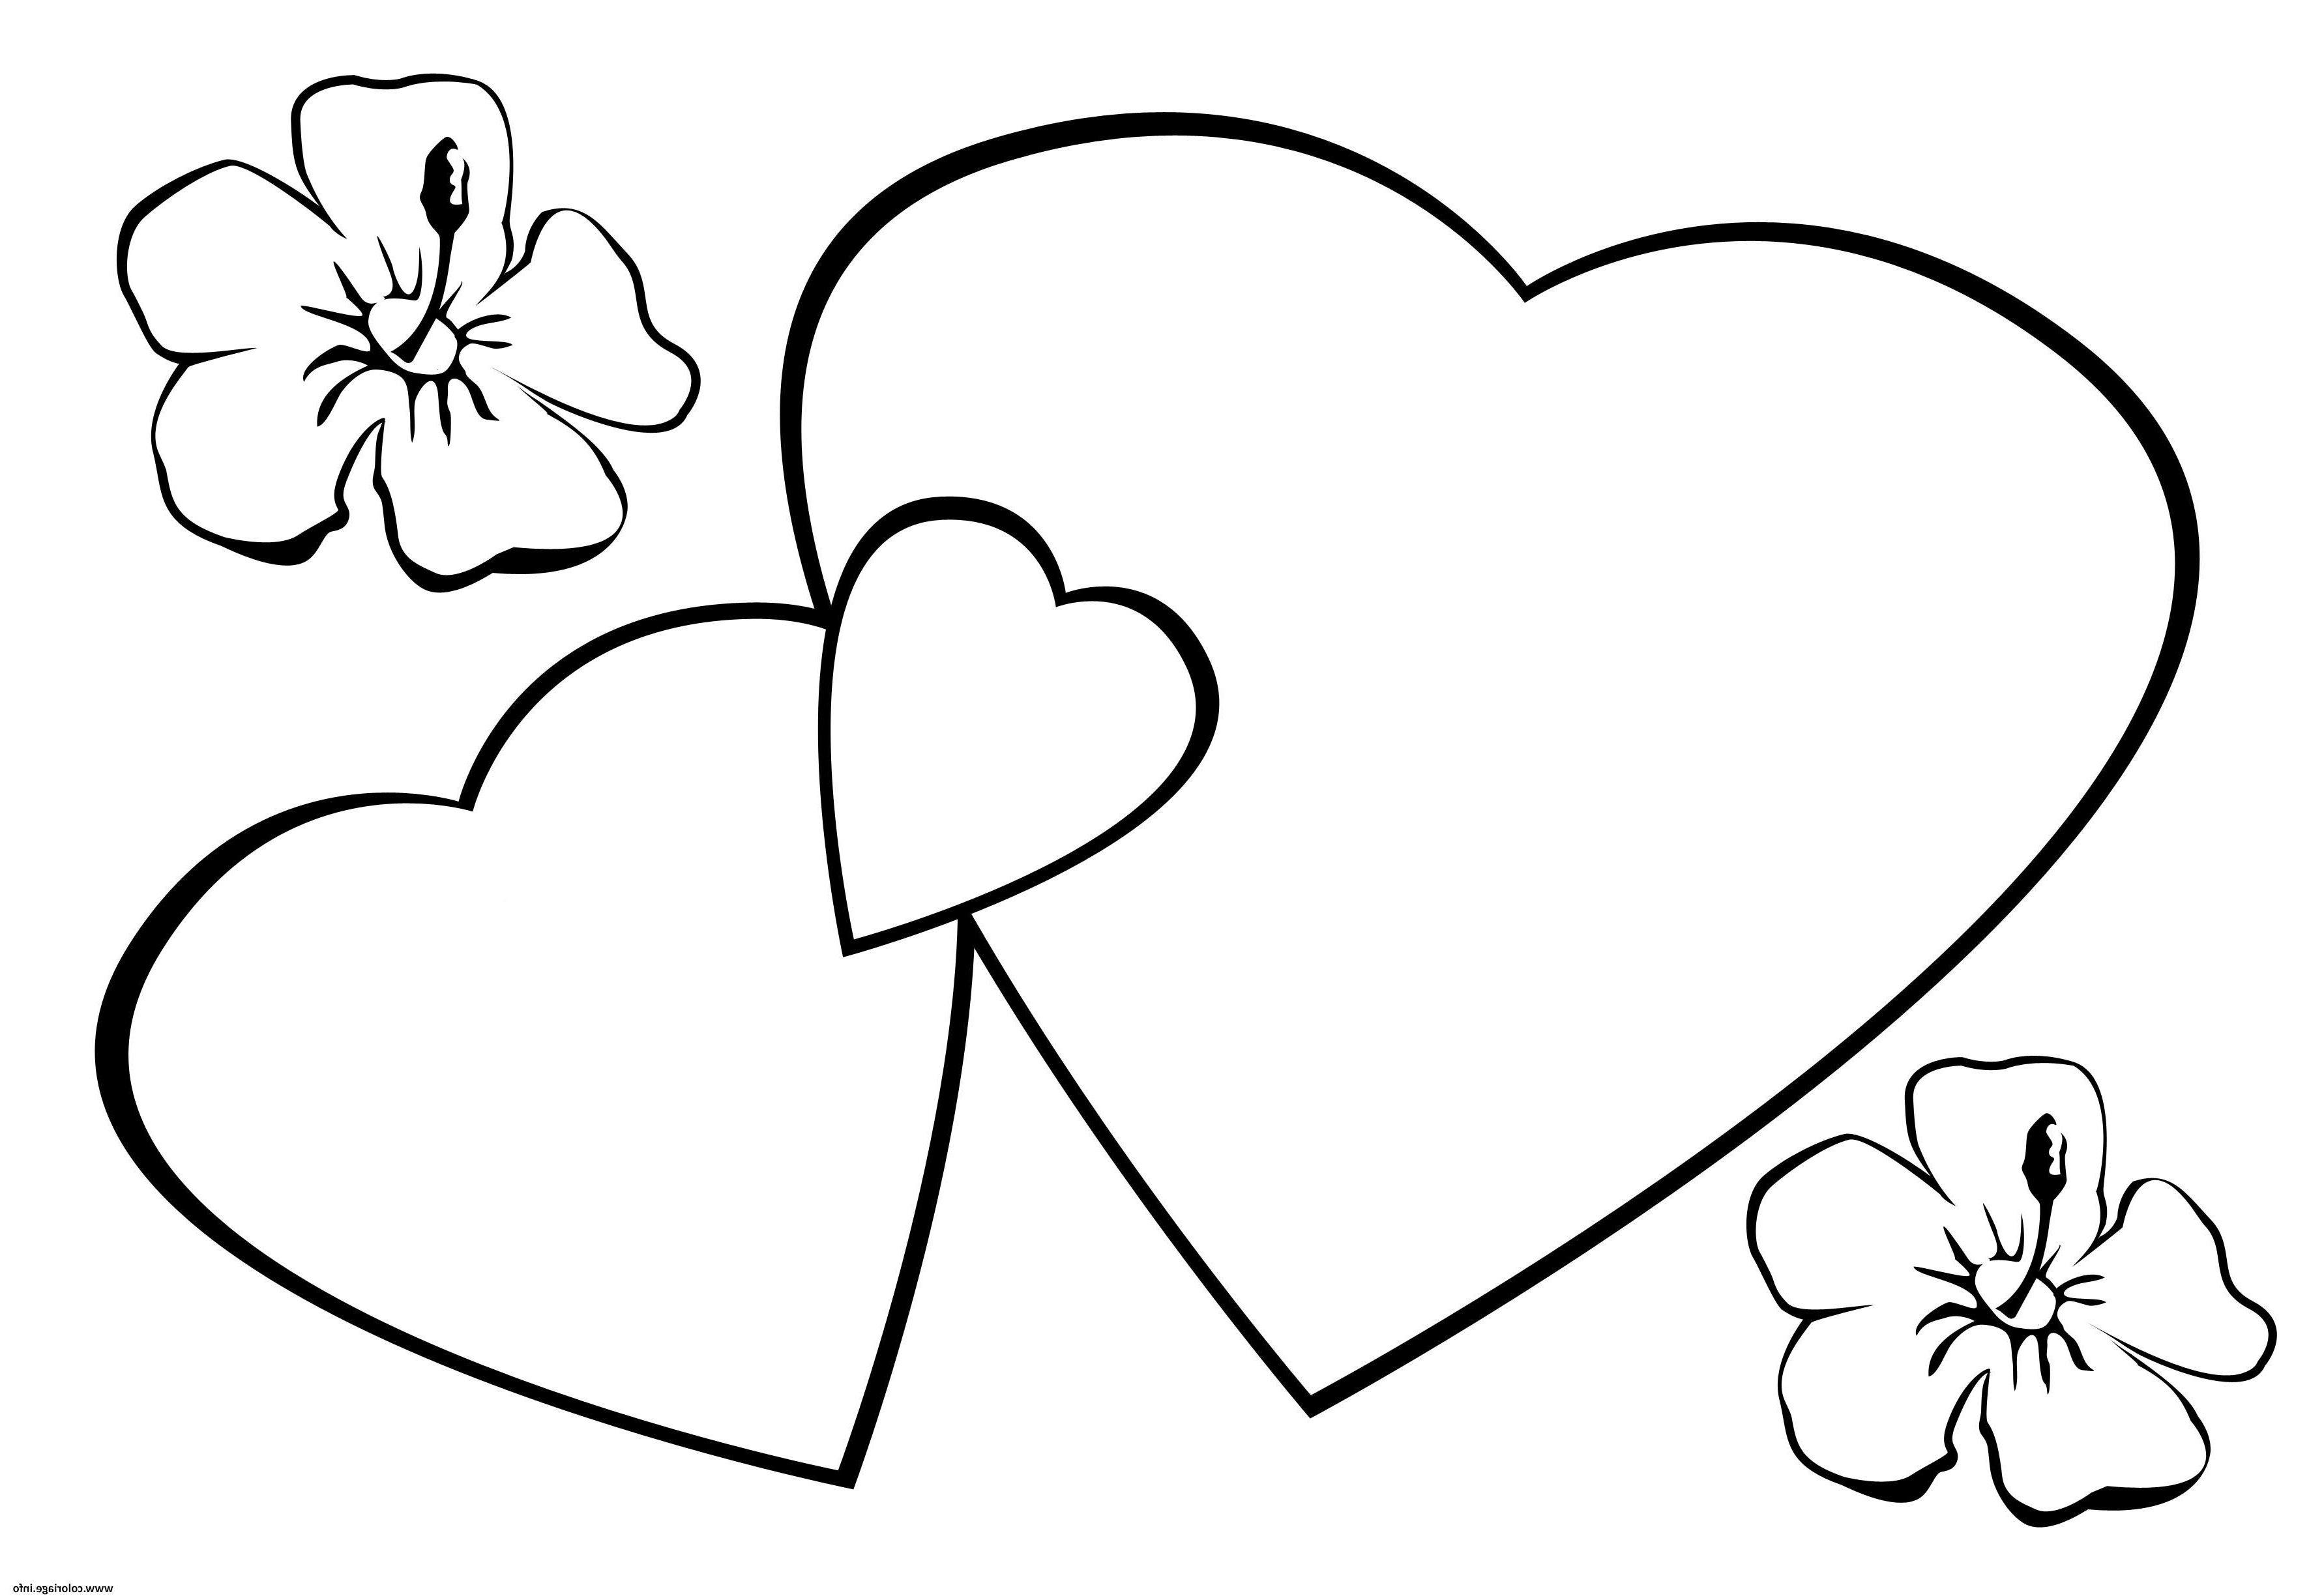 8 Meilleur De Coloriage Saint Valentin Gallery En 2020 Coloriage Coloriage Coeur Dessin De Smiley